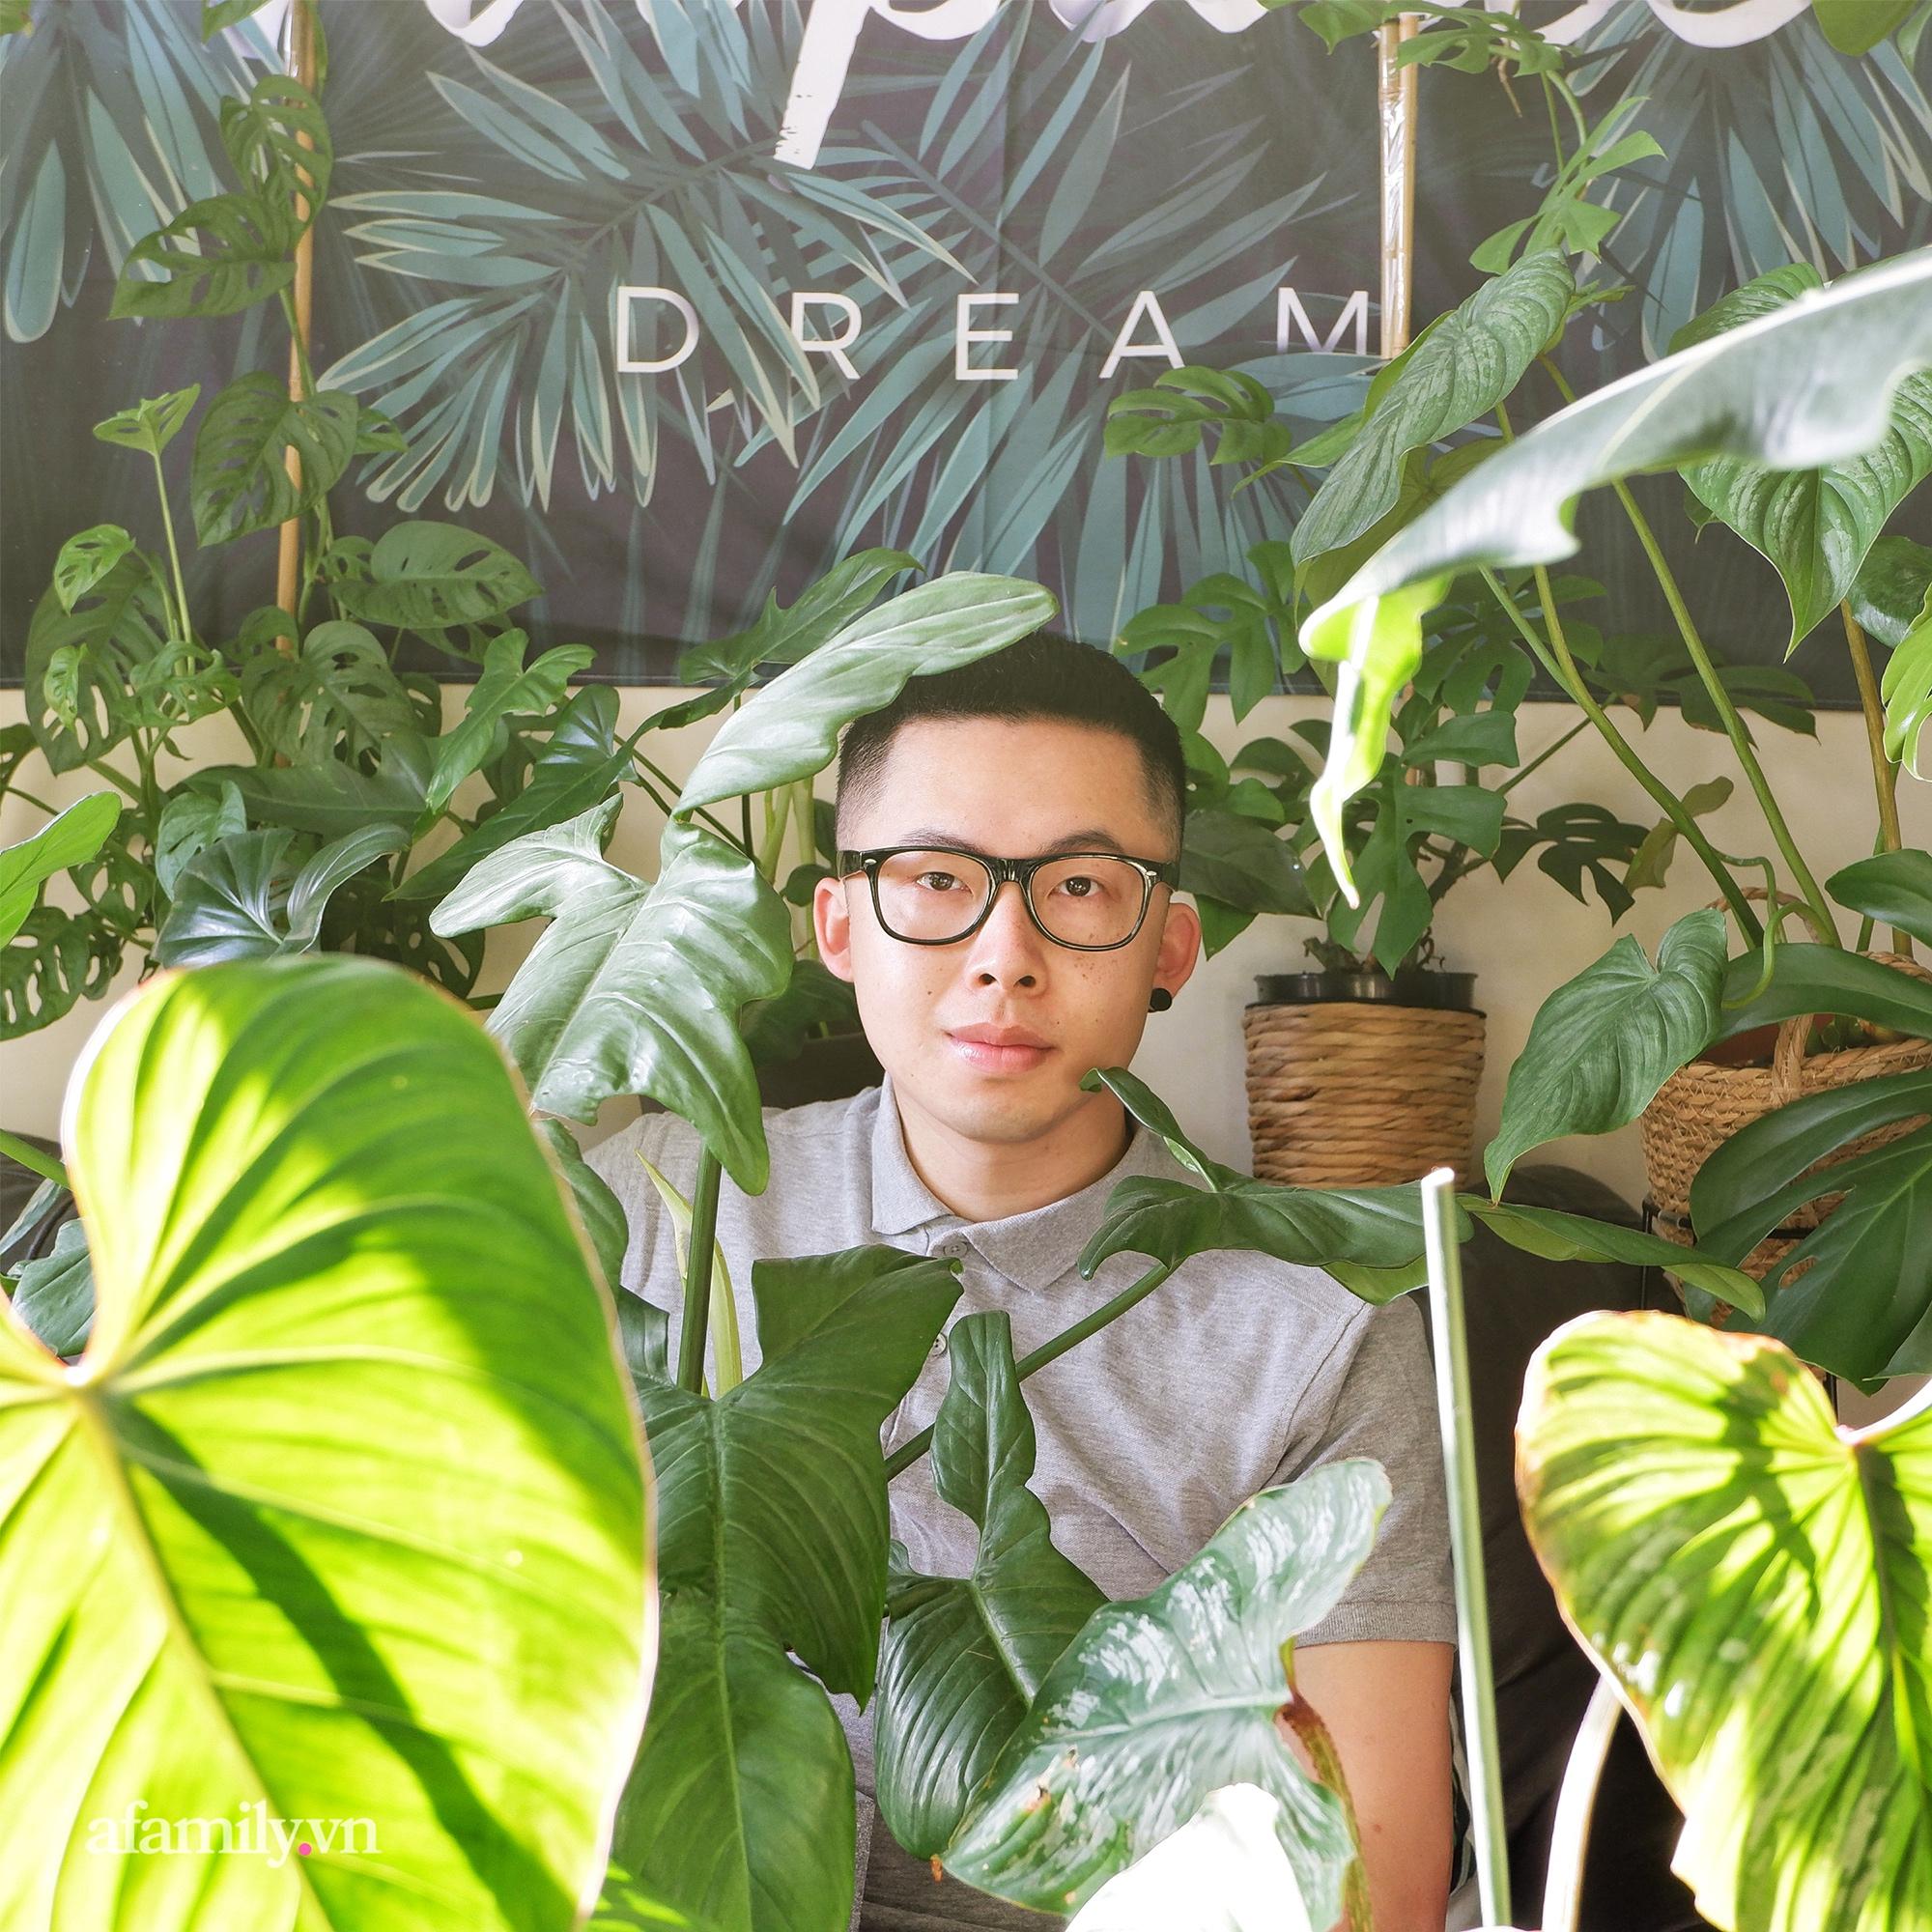 """BST hơn 200 cây kiểng lá của chàng kiến trúc sư người Việt tại Anh, gần như sống và nằm ngủ cùng cây mỗi ngày """"hoang mang về mức giá bạc tỷ được bán tại Việt Nam""""  - Ảnh 3."""